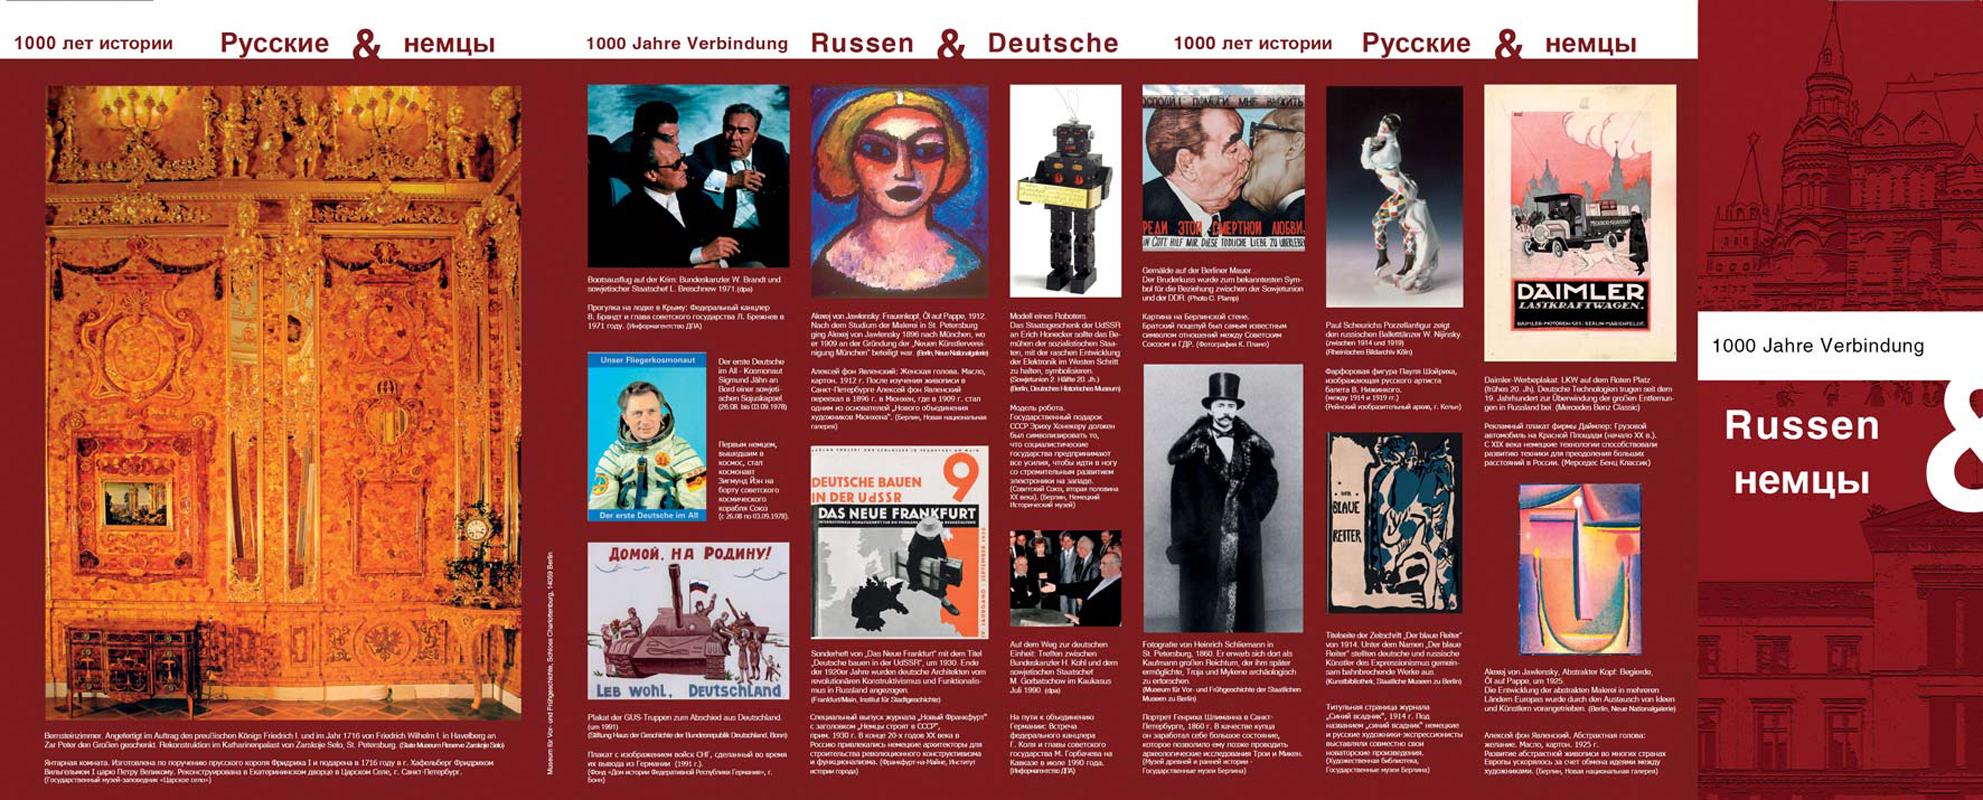 """Faltblatt zur Vorbereitung der Austellung """"Russen & Deutsche"""", Neues Museum Berlin, 2012/13. Layout: Silvia Nettekoven"""